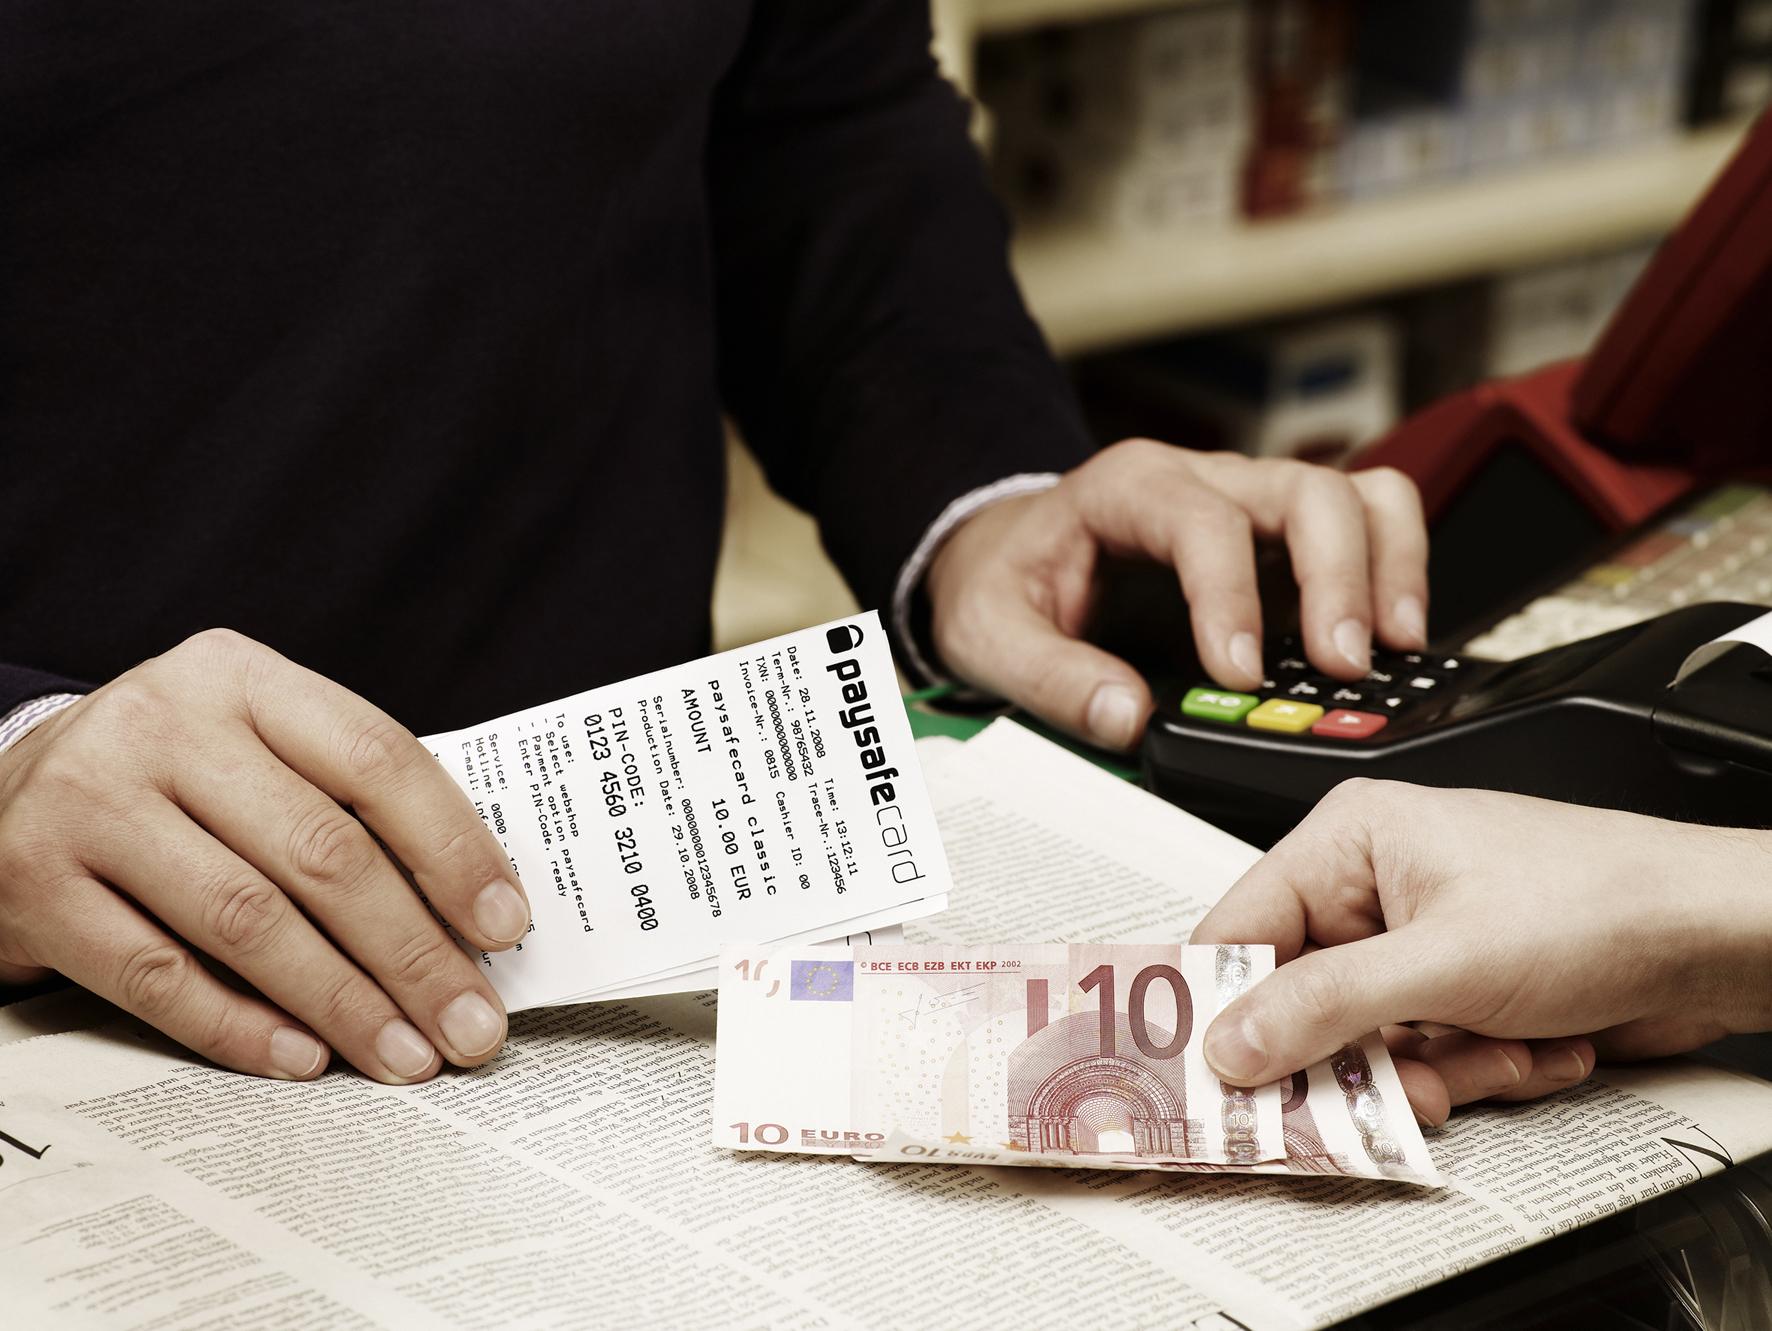 paysafecard einlösen gegen geld